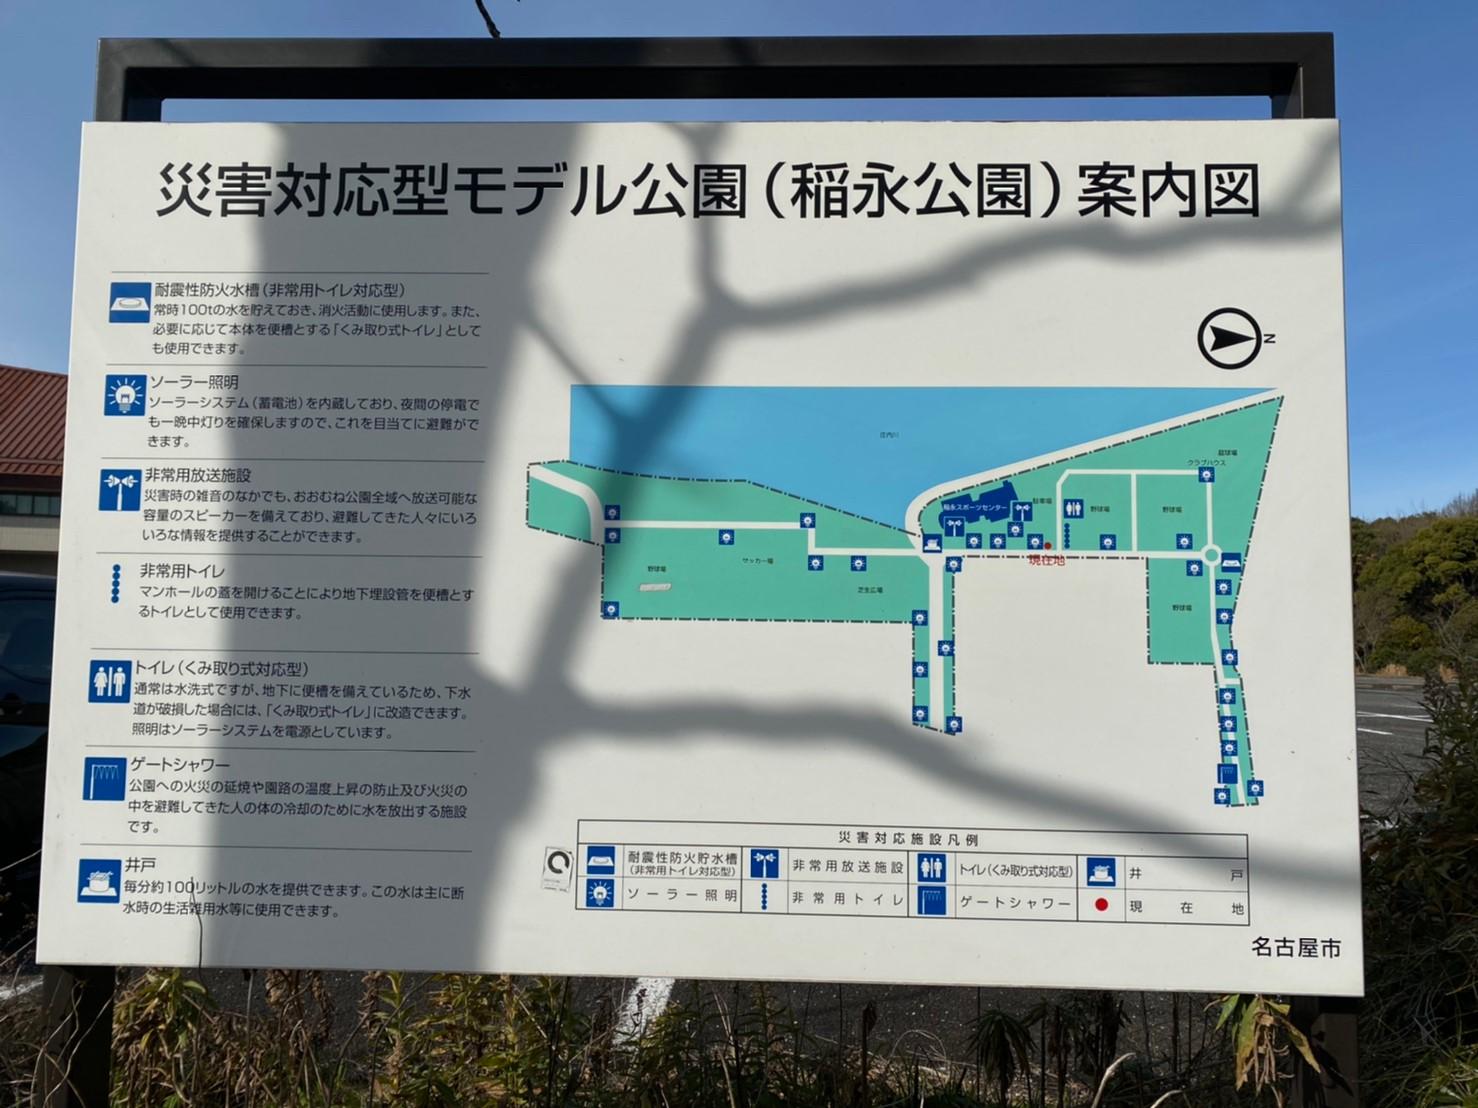 【ファミリー向け!】『庄内川河口:しょうないがわかこう』の釣り場ガイド(駐車場・釣れる魚)